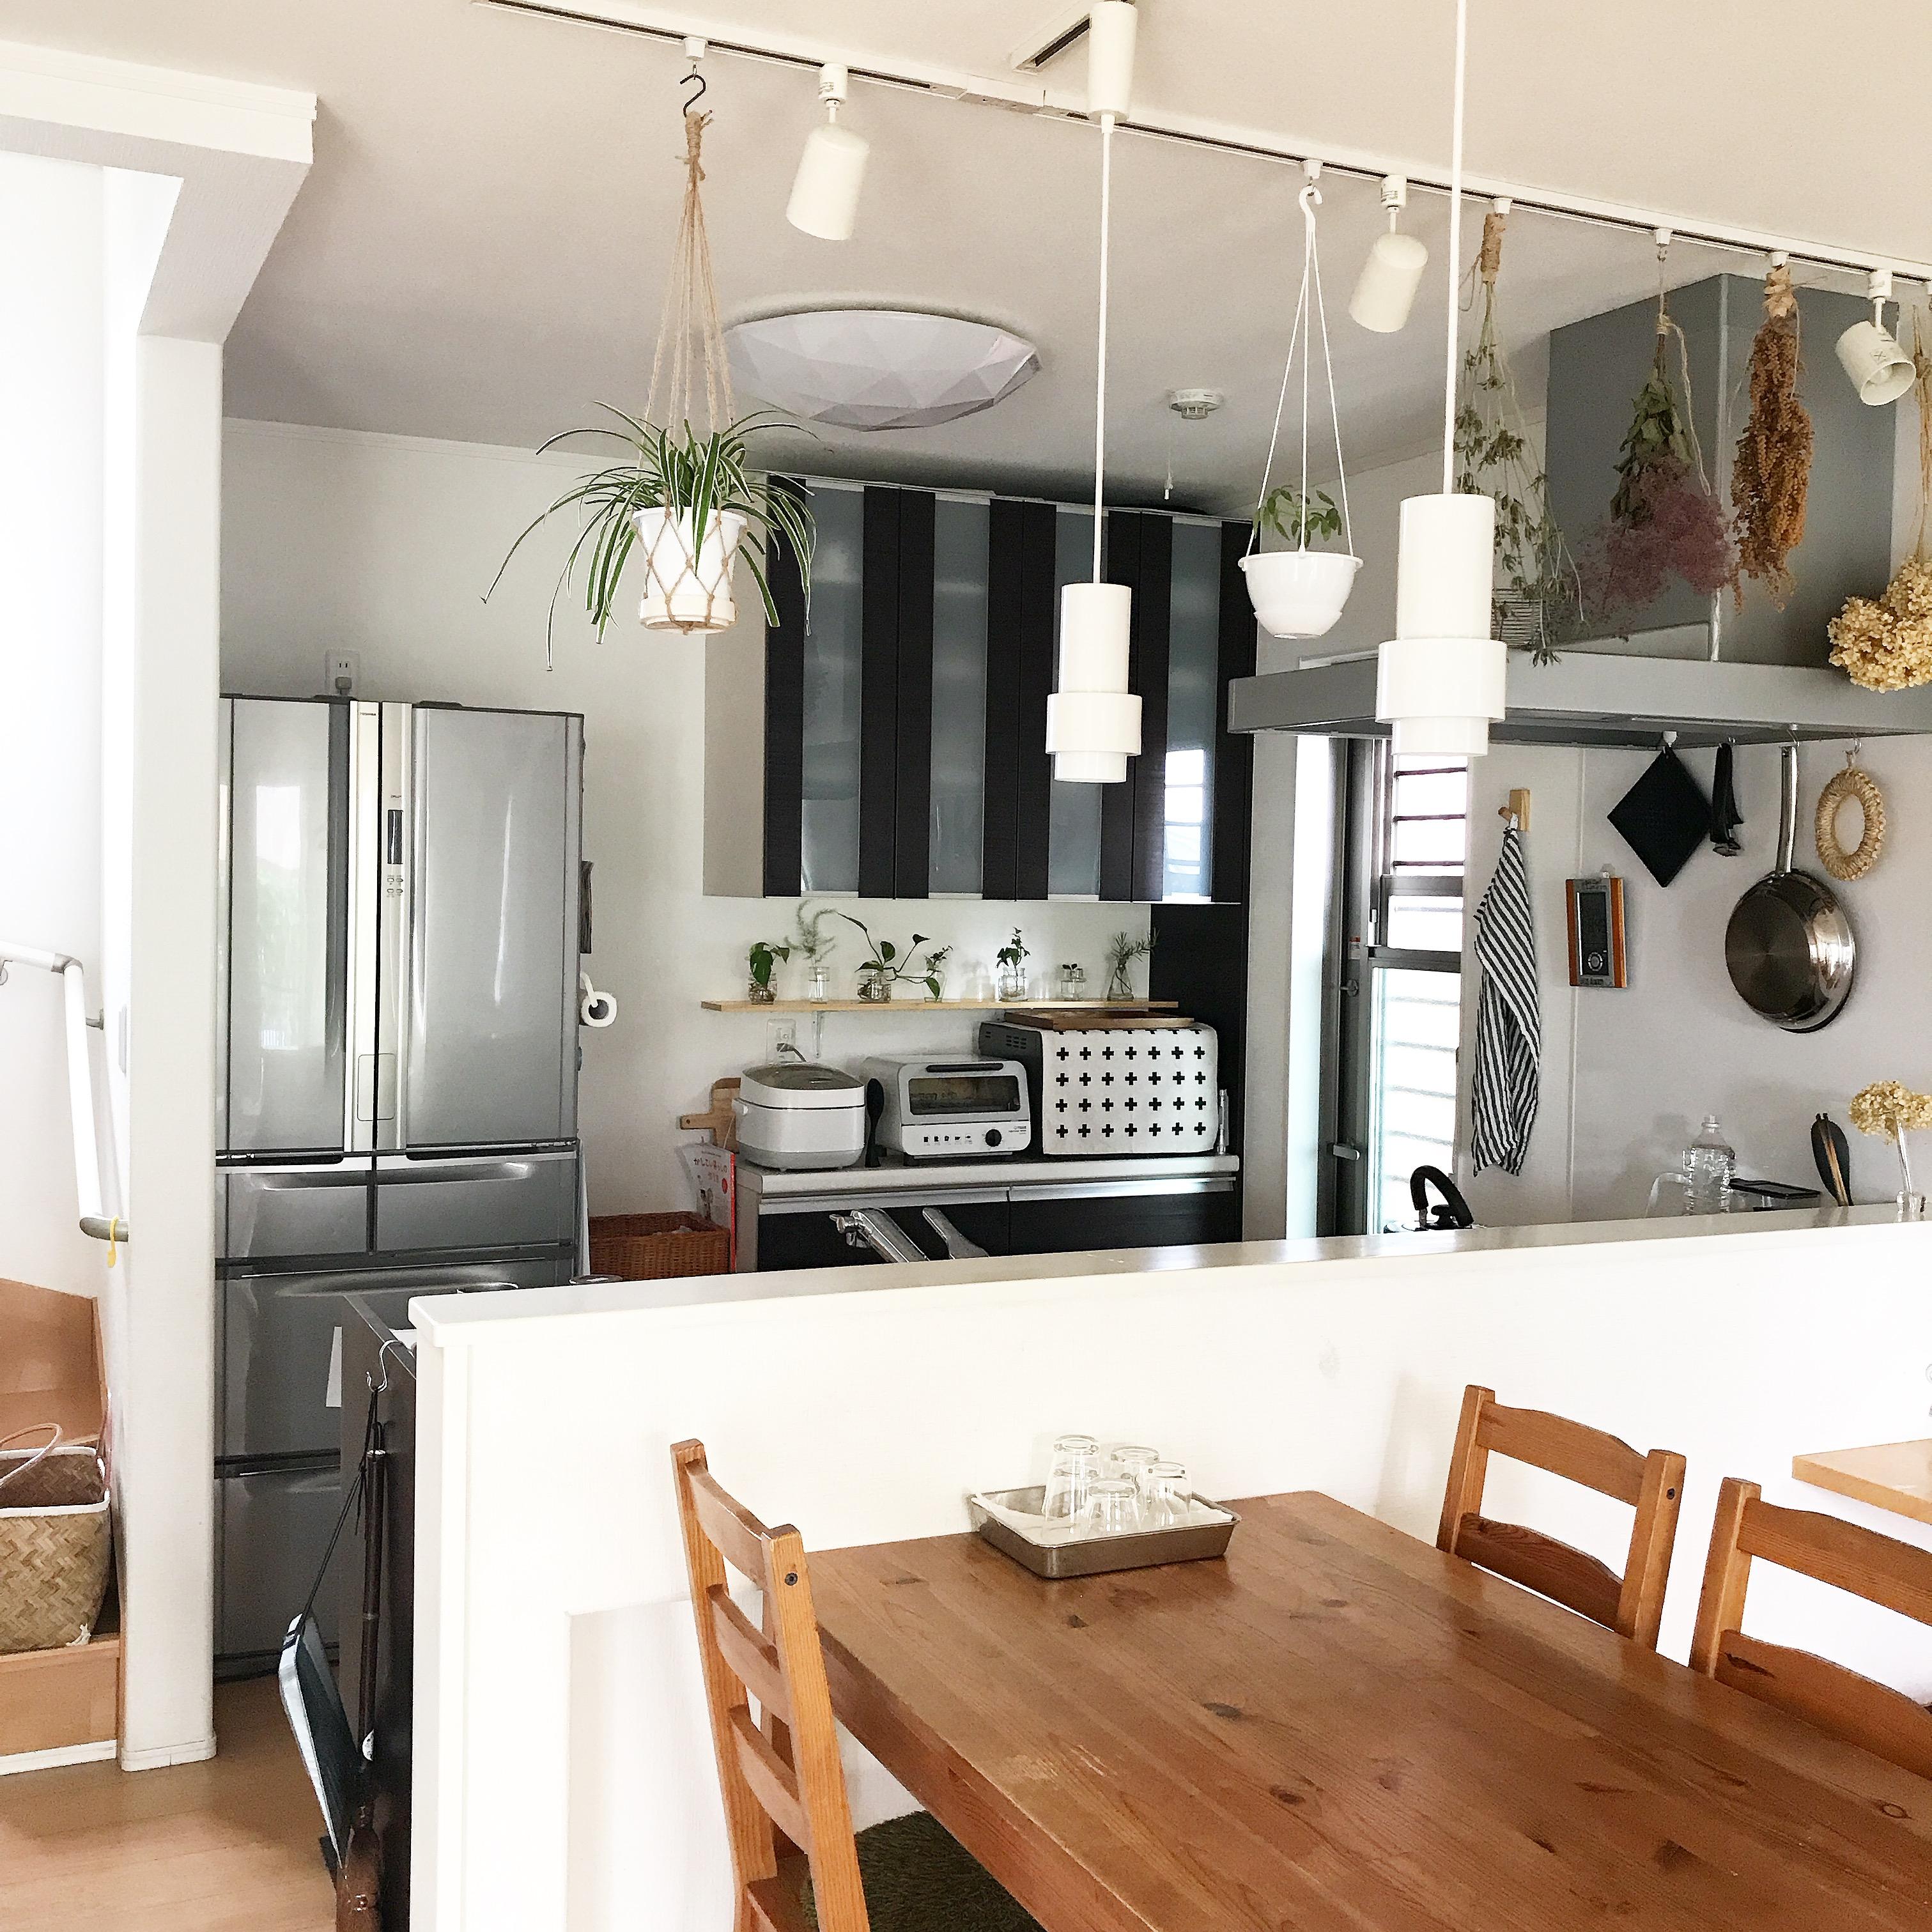 植物だけでなく、ドライフラワーもぶら下げて飾ると、キッチン空間に彩りが出ますね。 @rinko5511さん提供